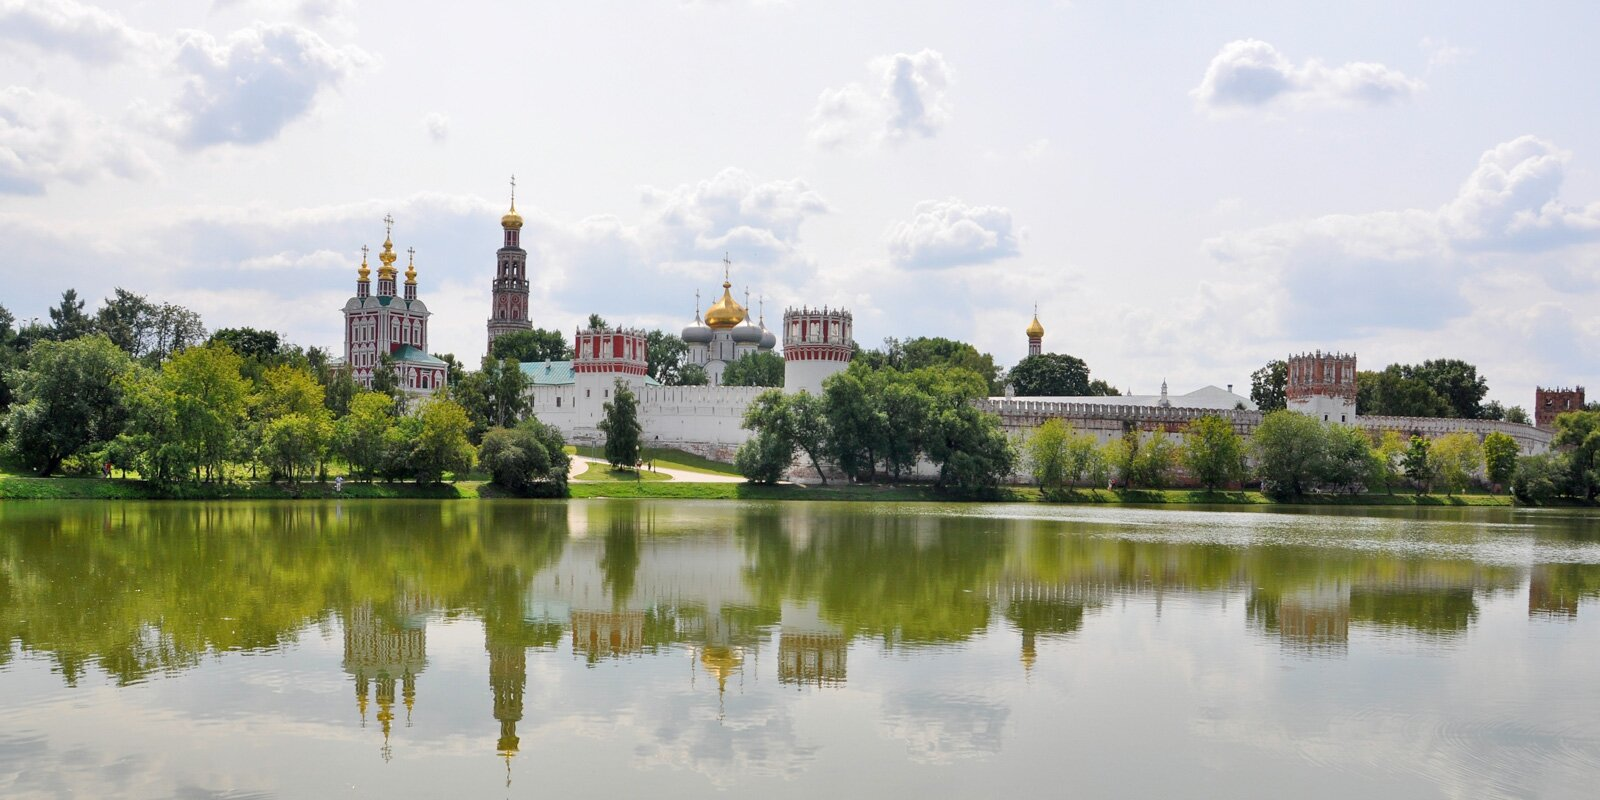 Водная экосистема: как в Москве следят за чистотой прудов